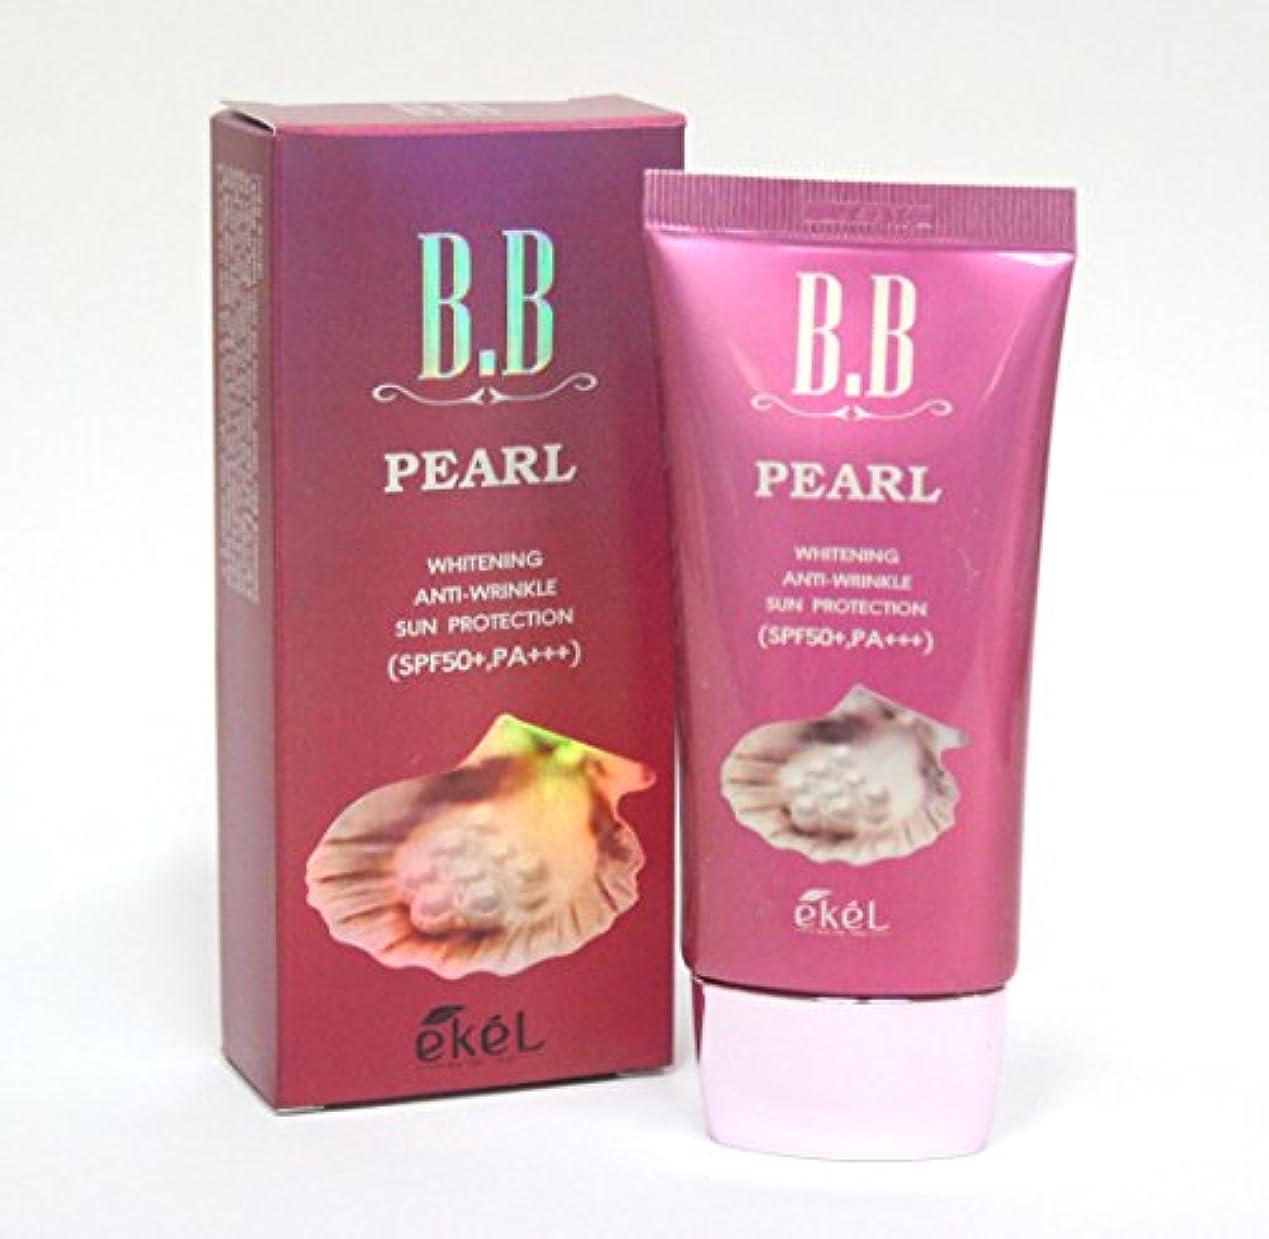 地域脱走ランドマーク[Ekel] パールBBクリーム50ml / Pearl BB Cream 50ml / ホワイトニング、アンチリンクル、日焼け防止SPF50 + PA +++ / Whitening, Anti-wrinkle, Sun...